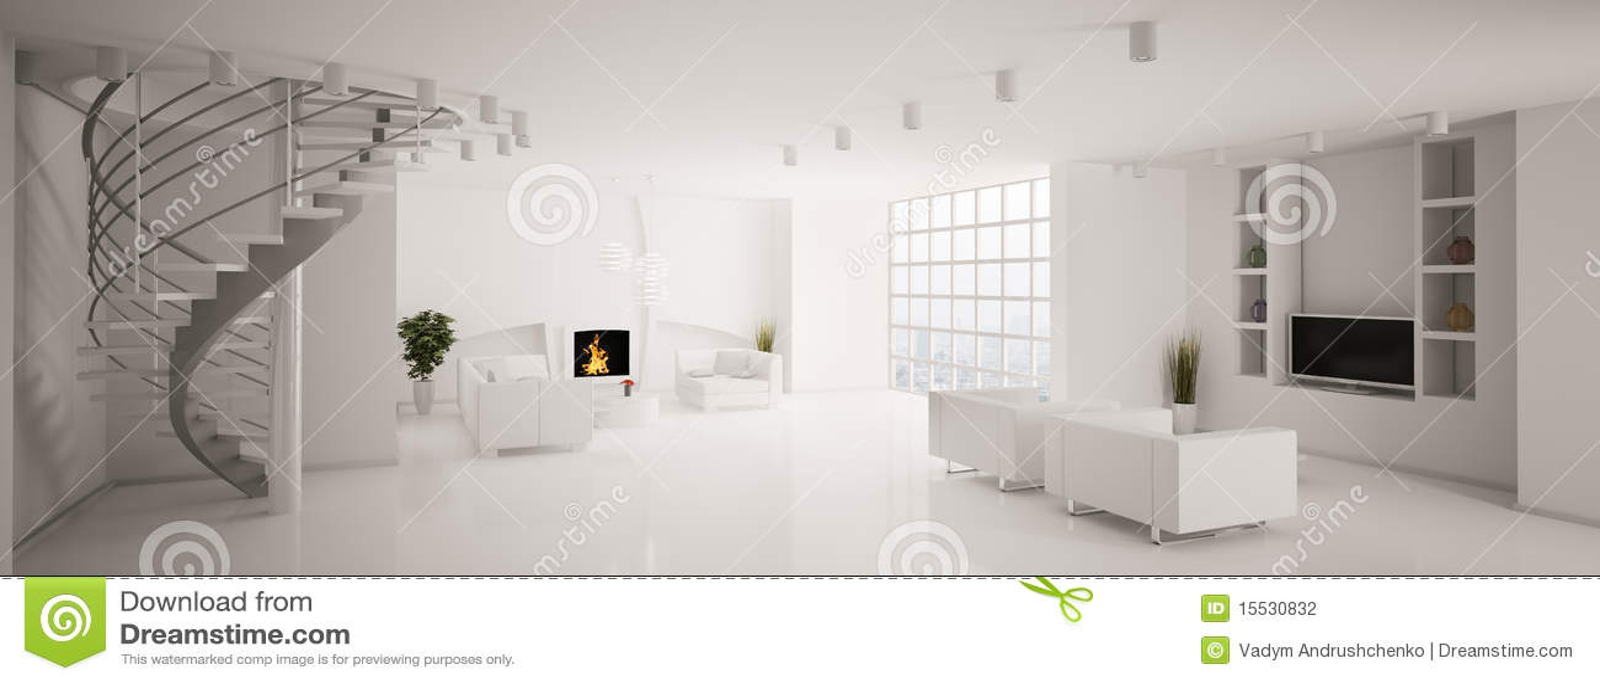 3d室内全景效果图